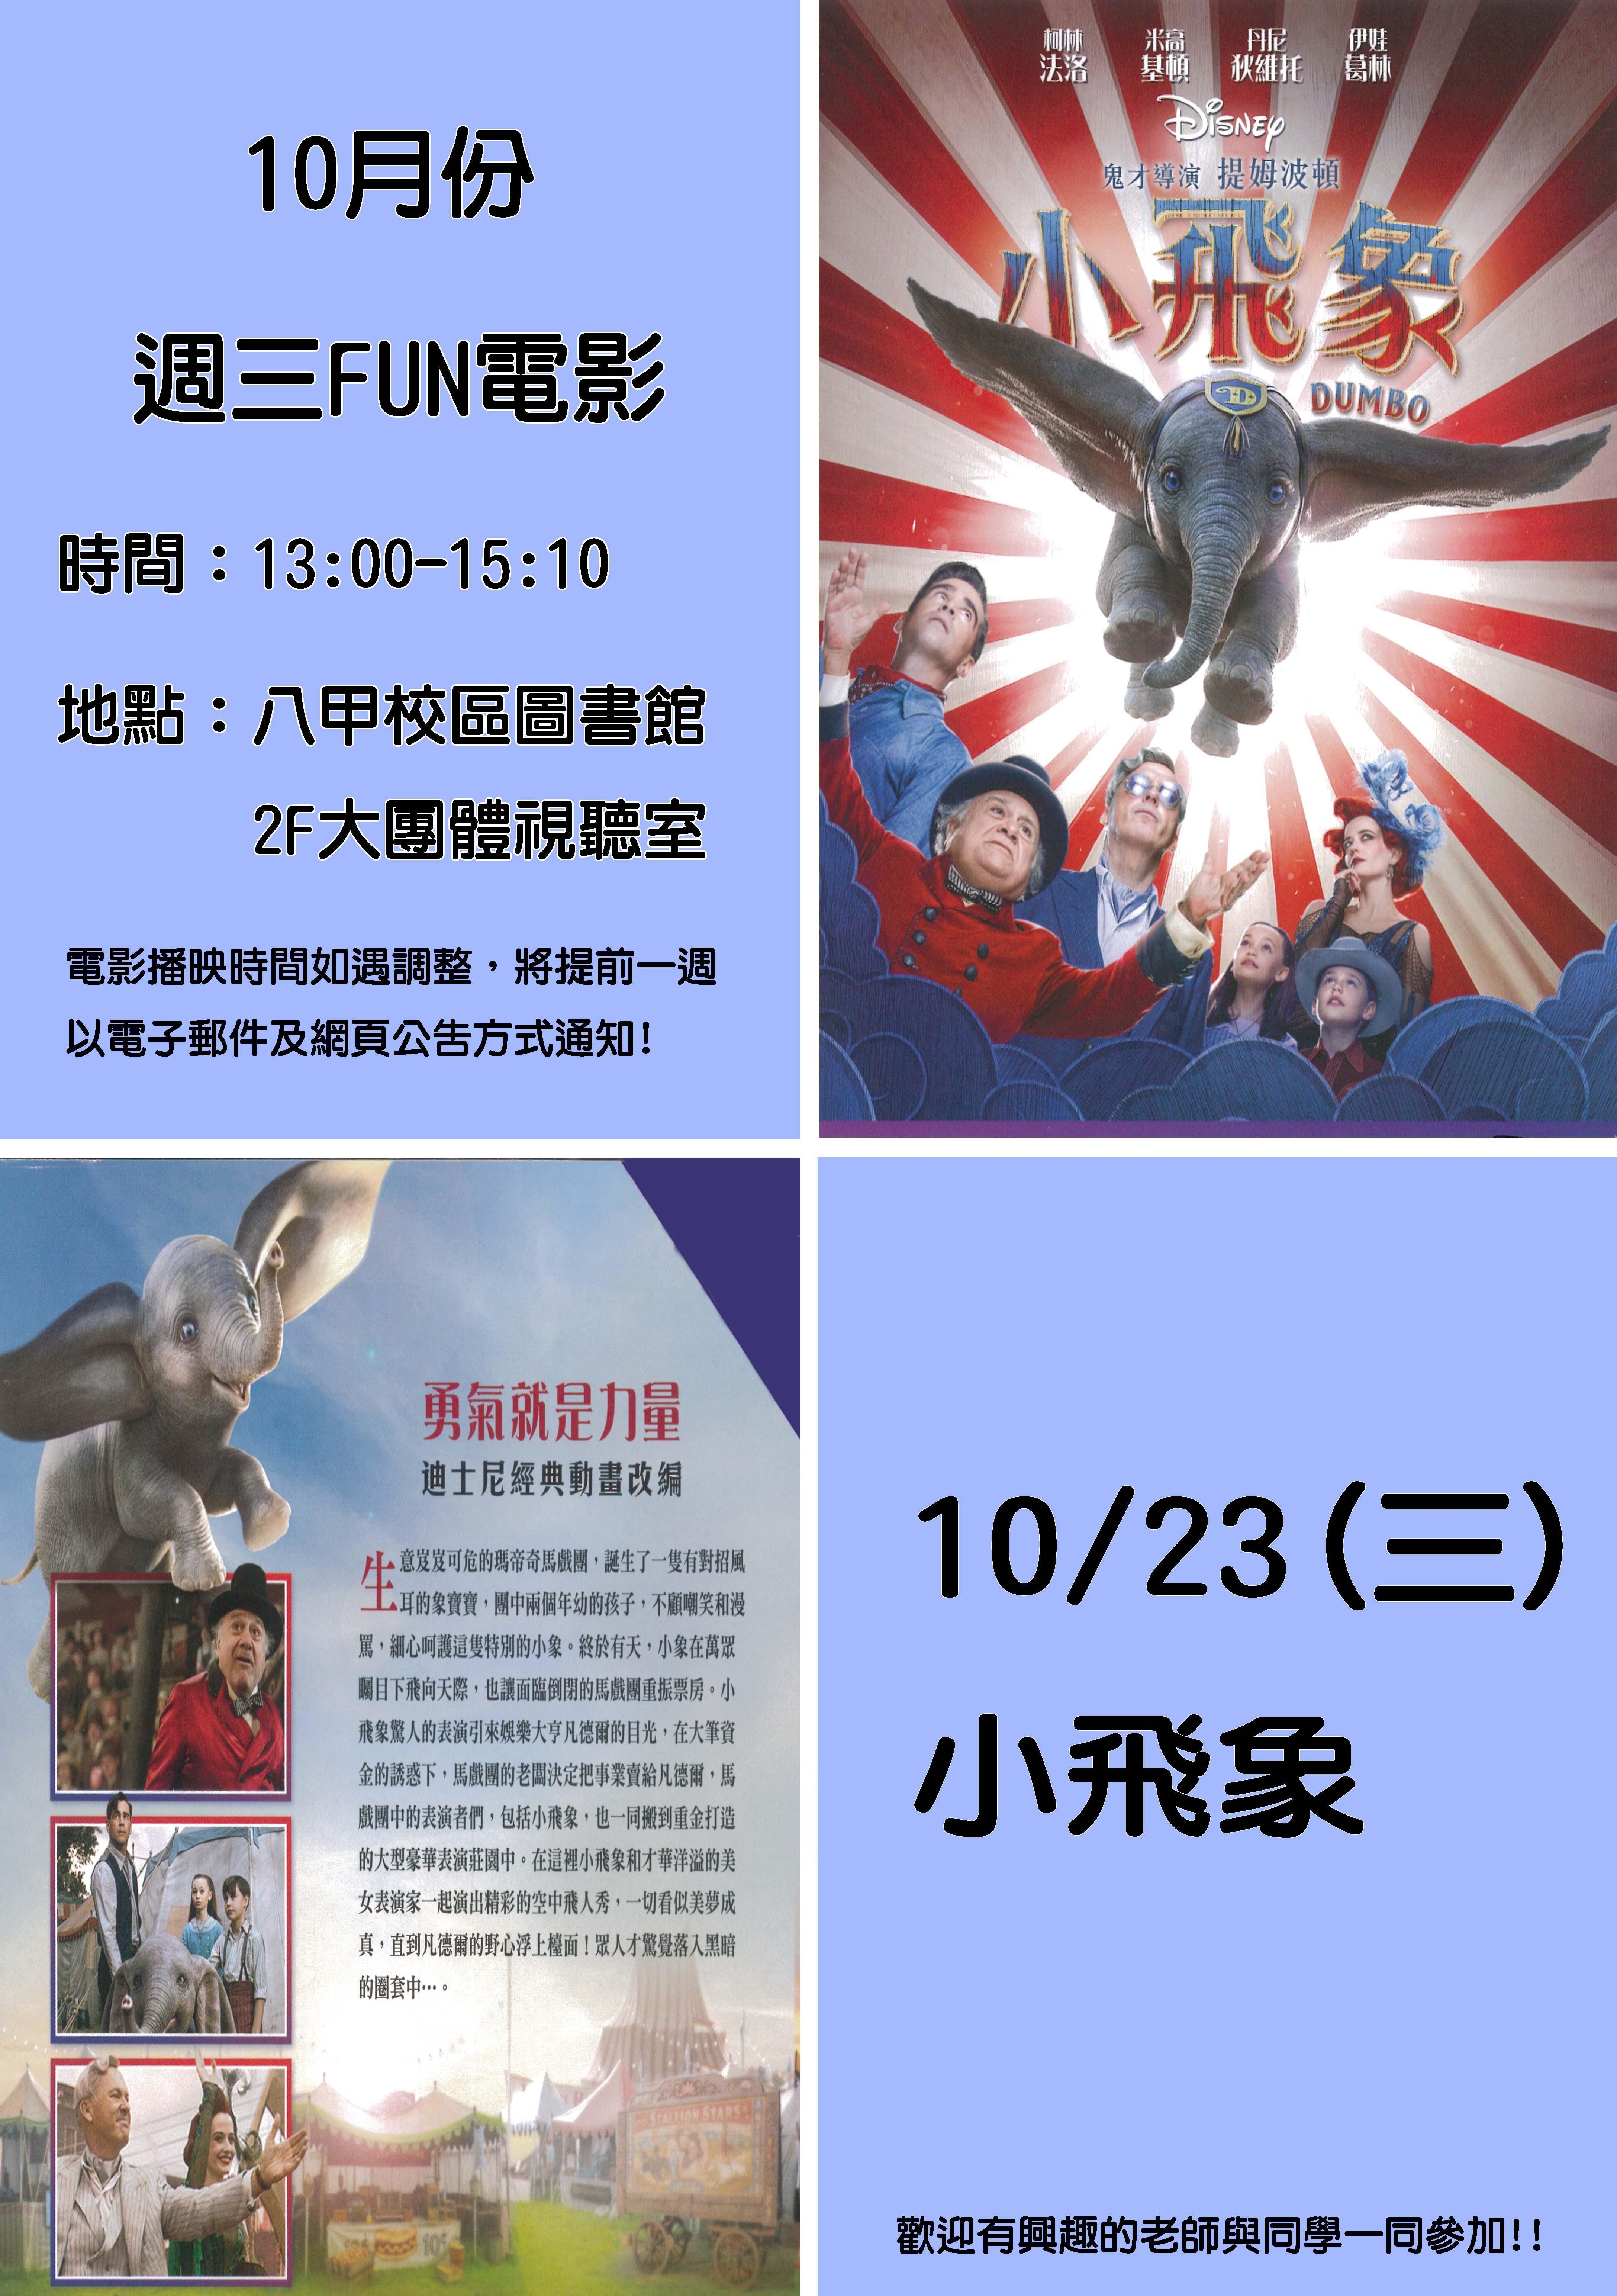 10月份週三FUN電影活動海報